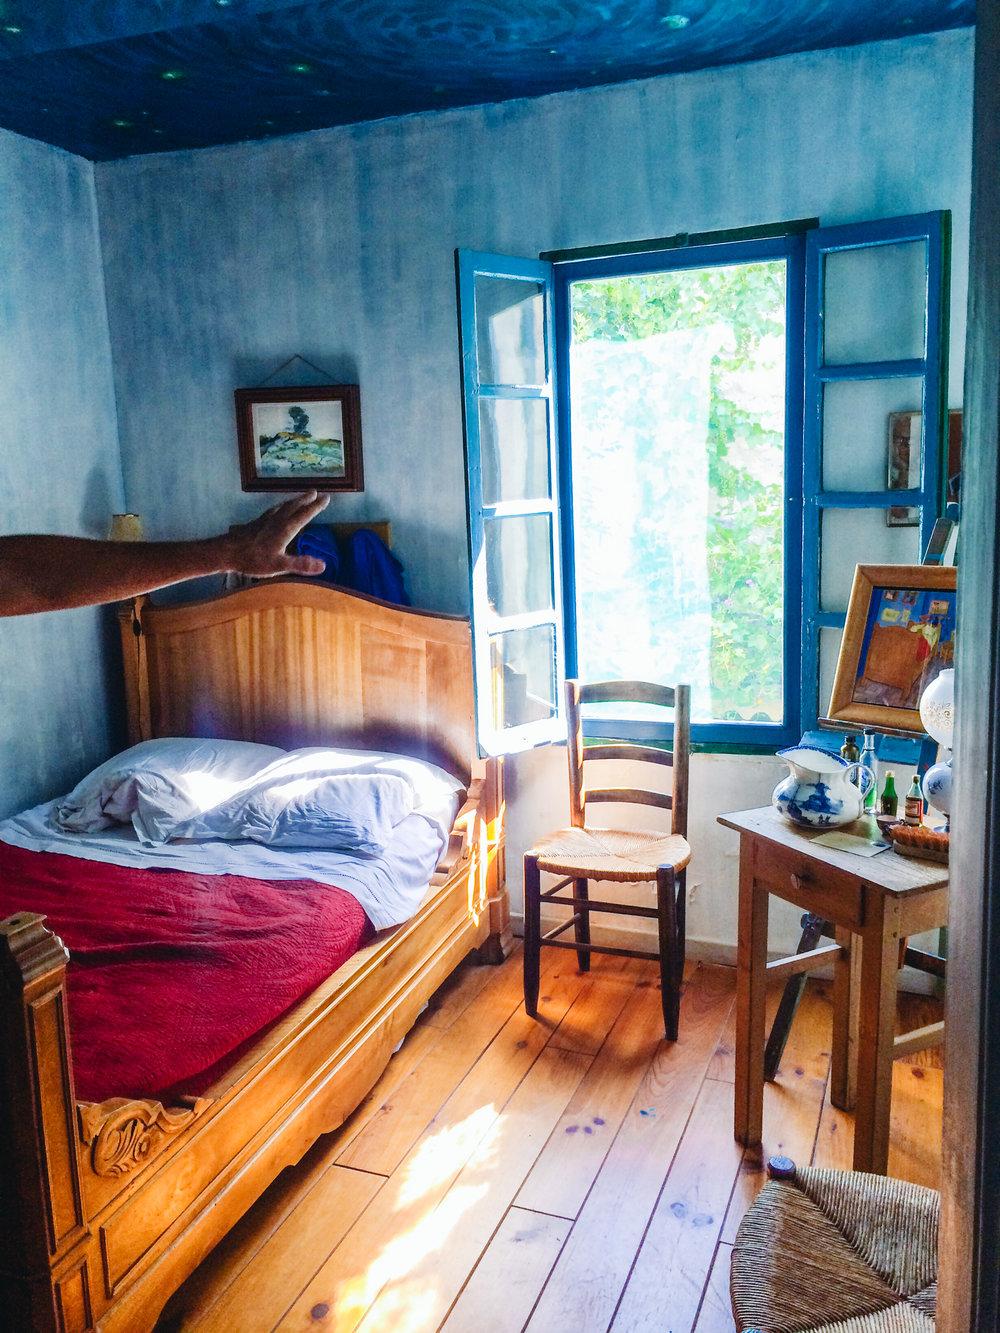 Van Gogh Room, room n°3